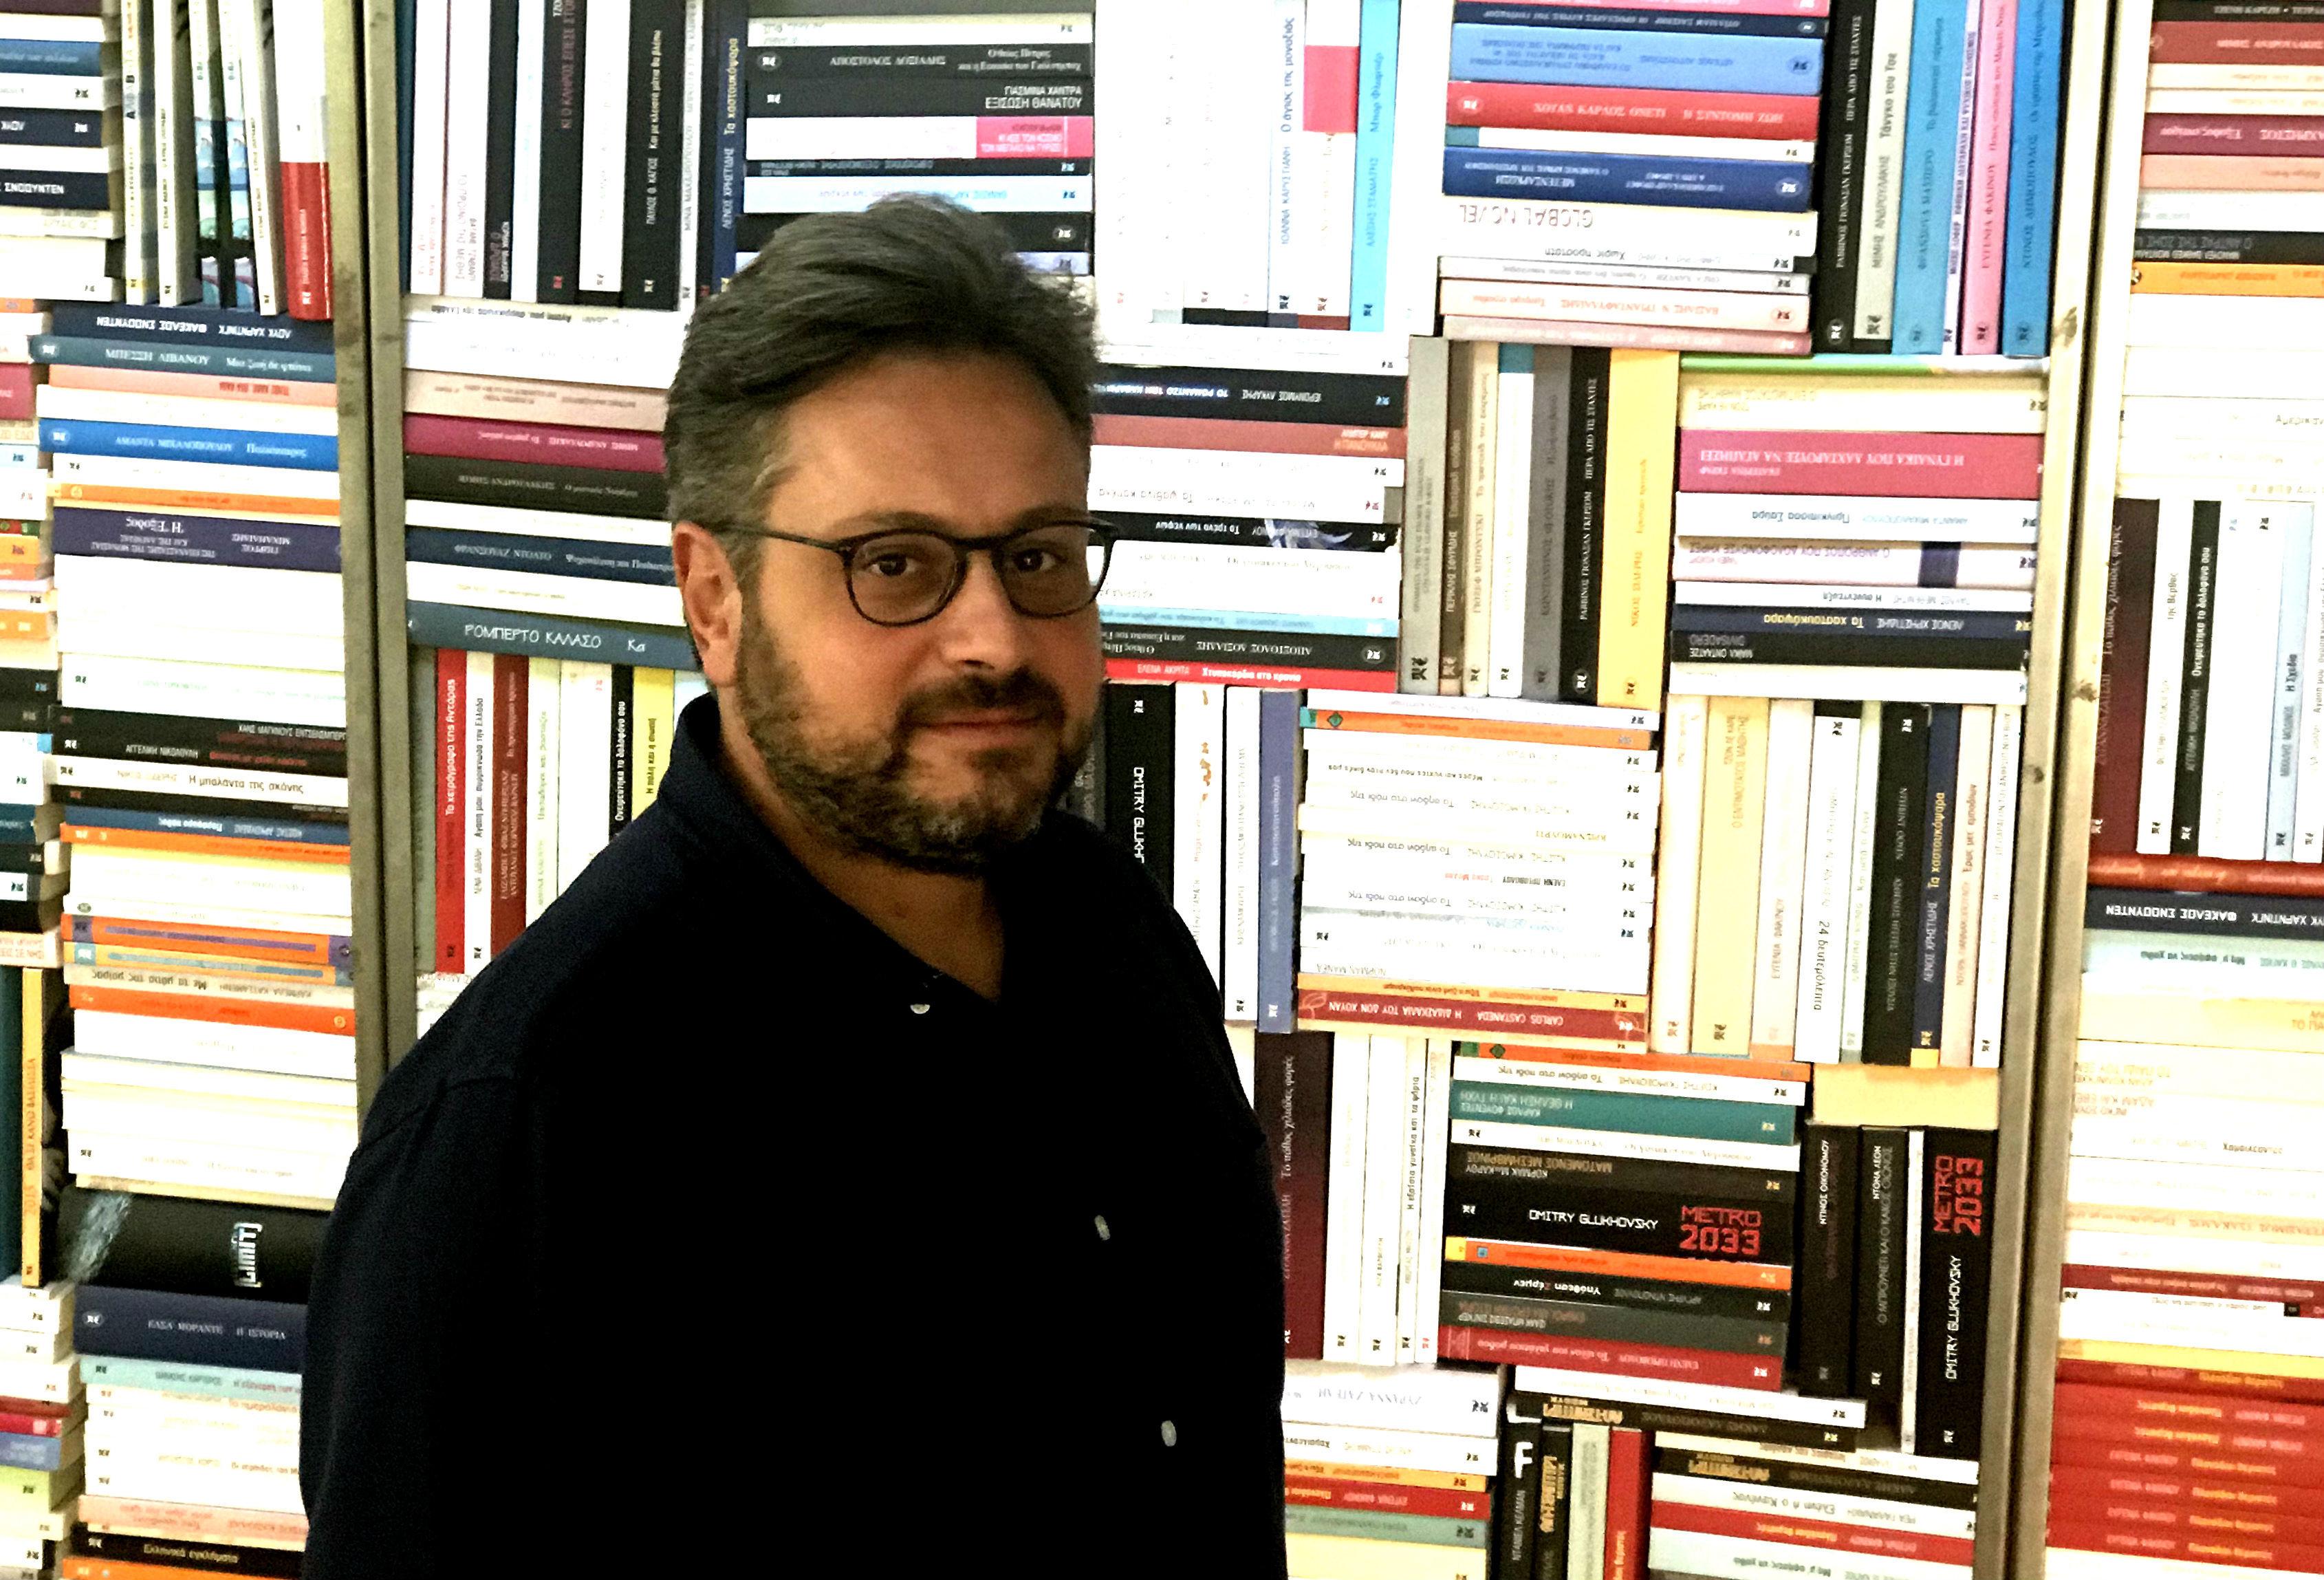 «Σε ένα ερημονήσι θα έπαιρνα το e-reader μου που χωράει 3.000 βιβλία». Ο εκδότης Αργύρης Καστανιώτης στη HuffPost Greece